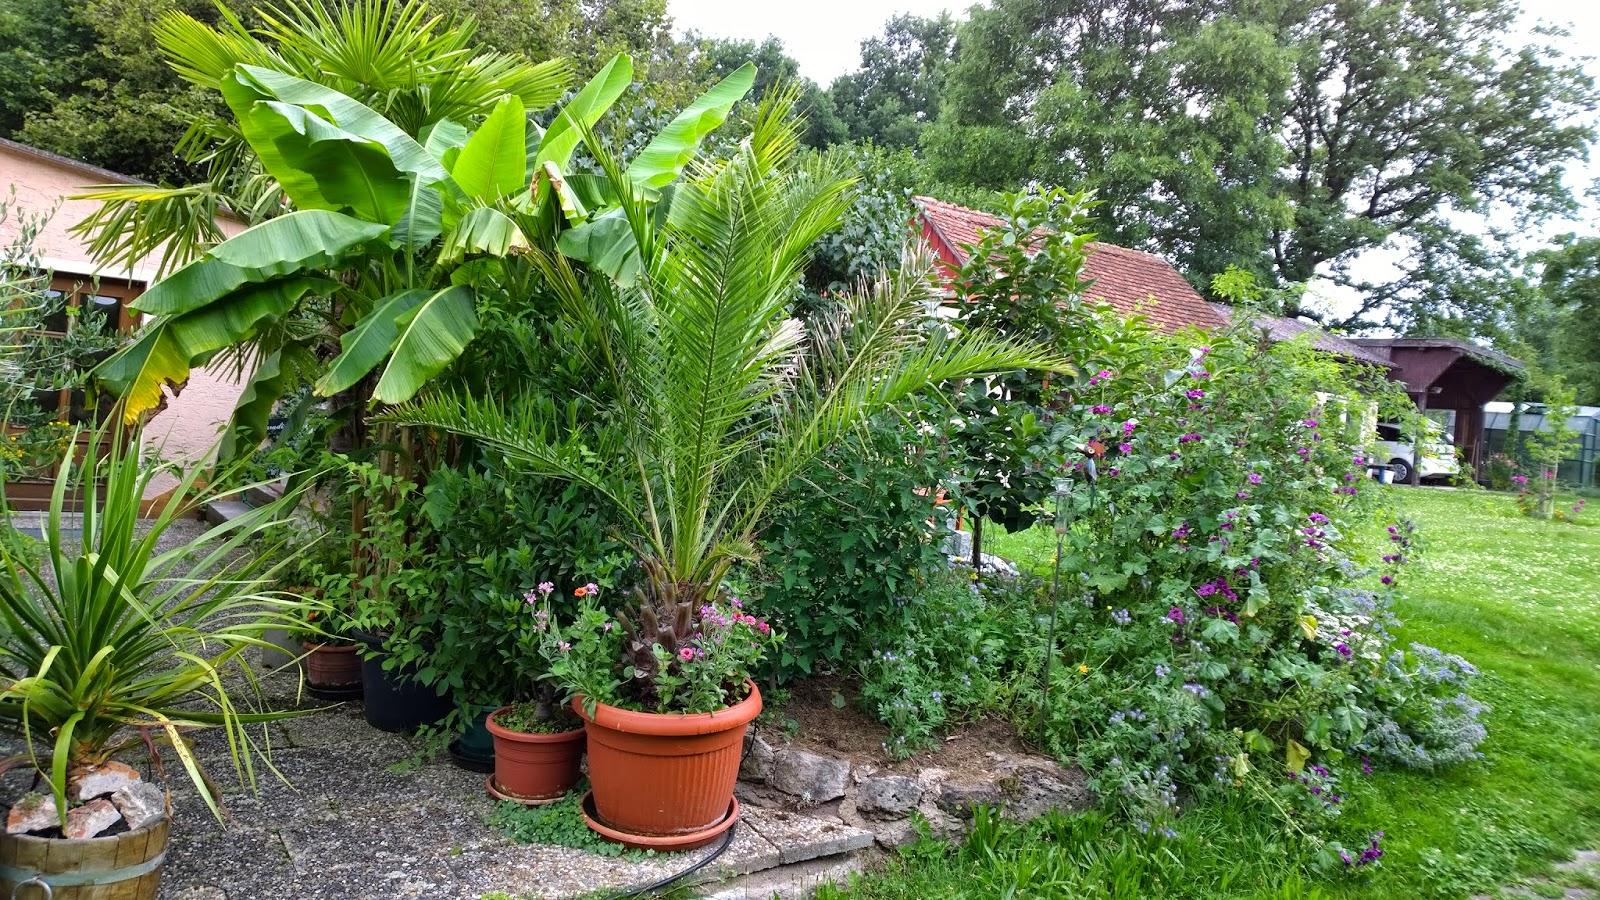 palmen f r terrasse palmen k belpflanzen usw f r garten und terrasse in palmen verschiedene. Black Bedroom Furniture Sets. Home Design Ideas